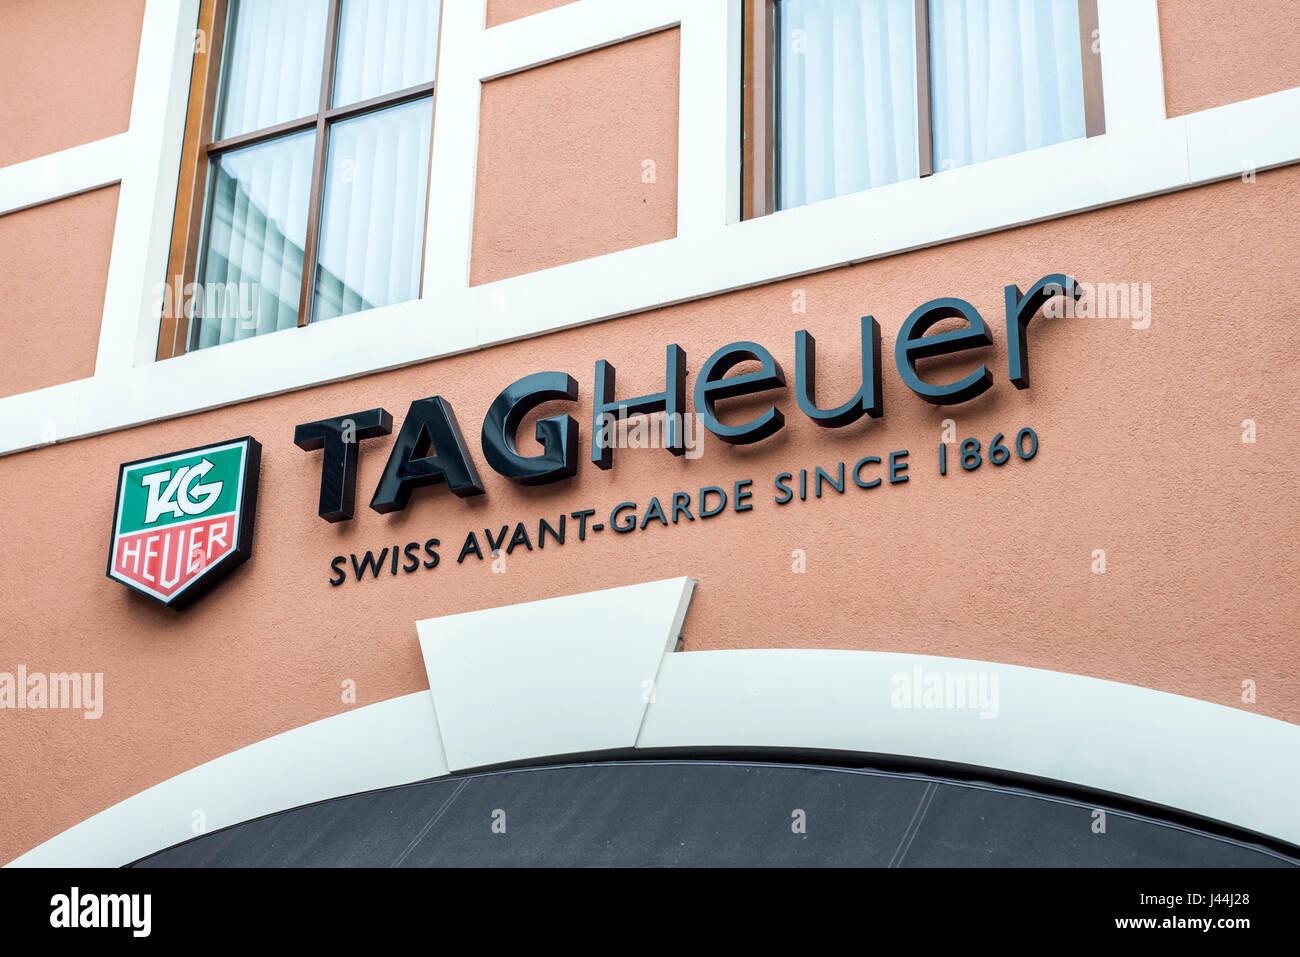 Roermond Niederlande 07.05.2017 - Logo von TagHeuer Watch Store im Mc Arthur Glen Designer Outlet shopping-Bereich Stockfoto